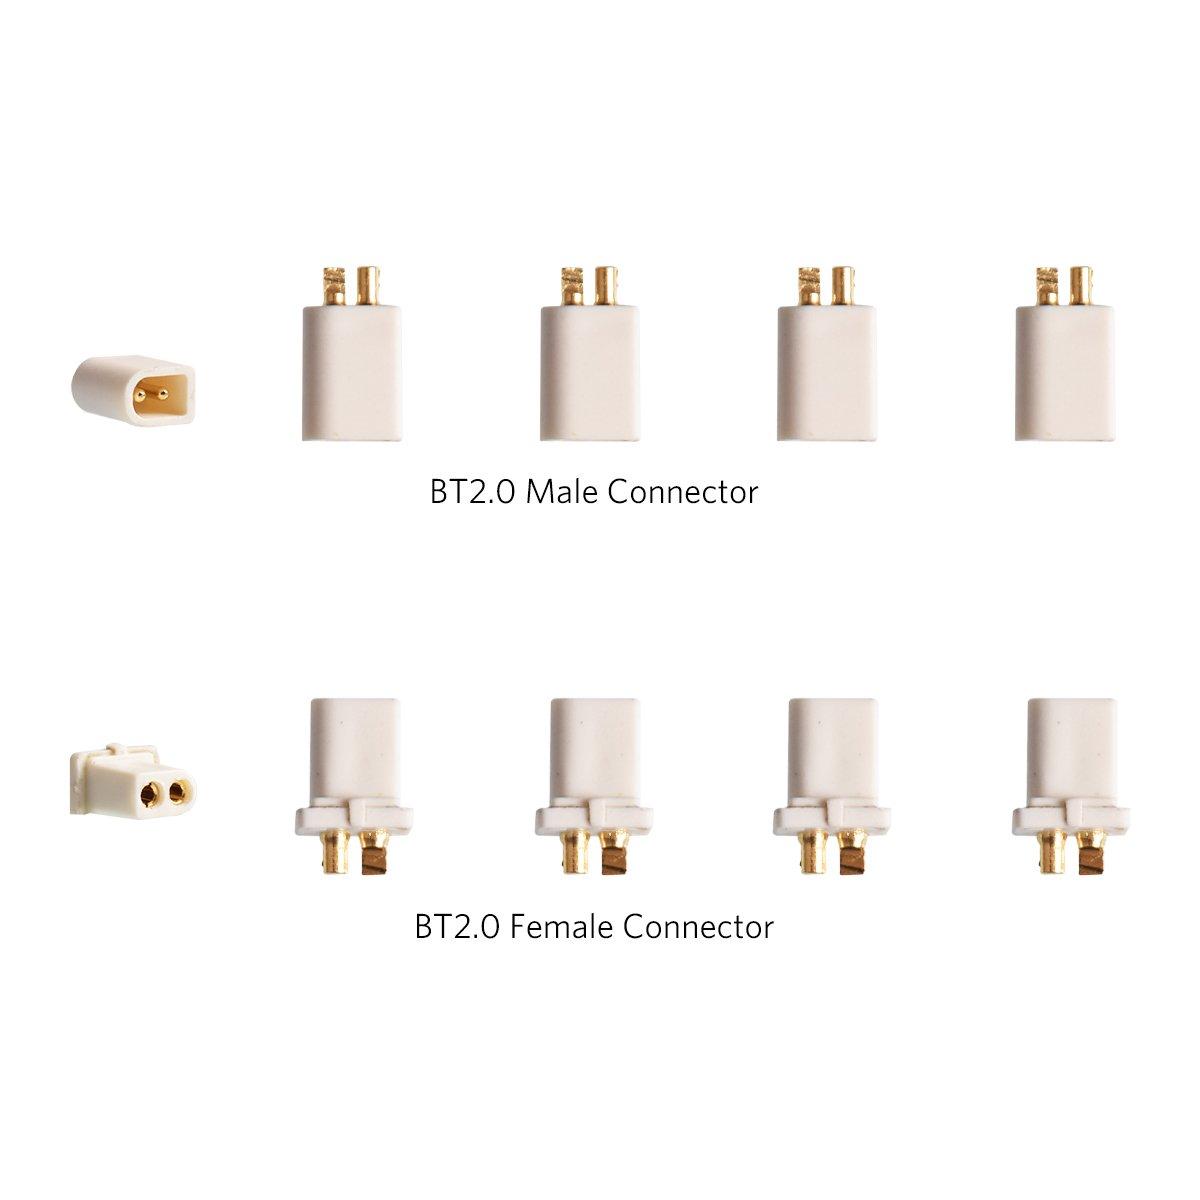 Conector BT2.0